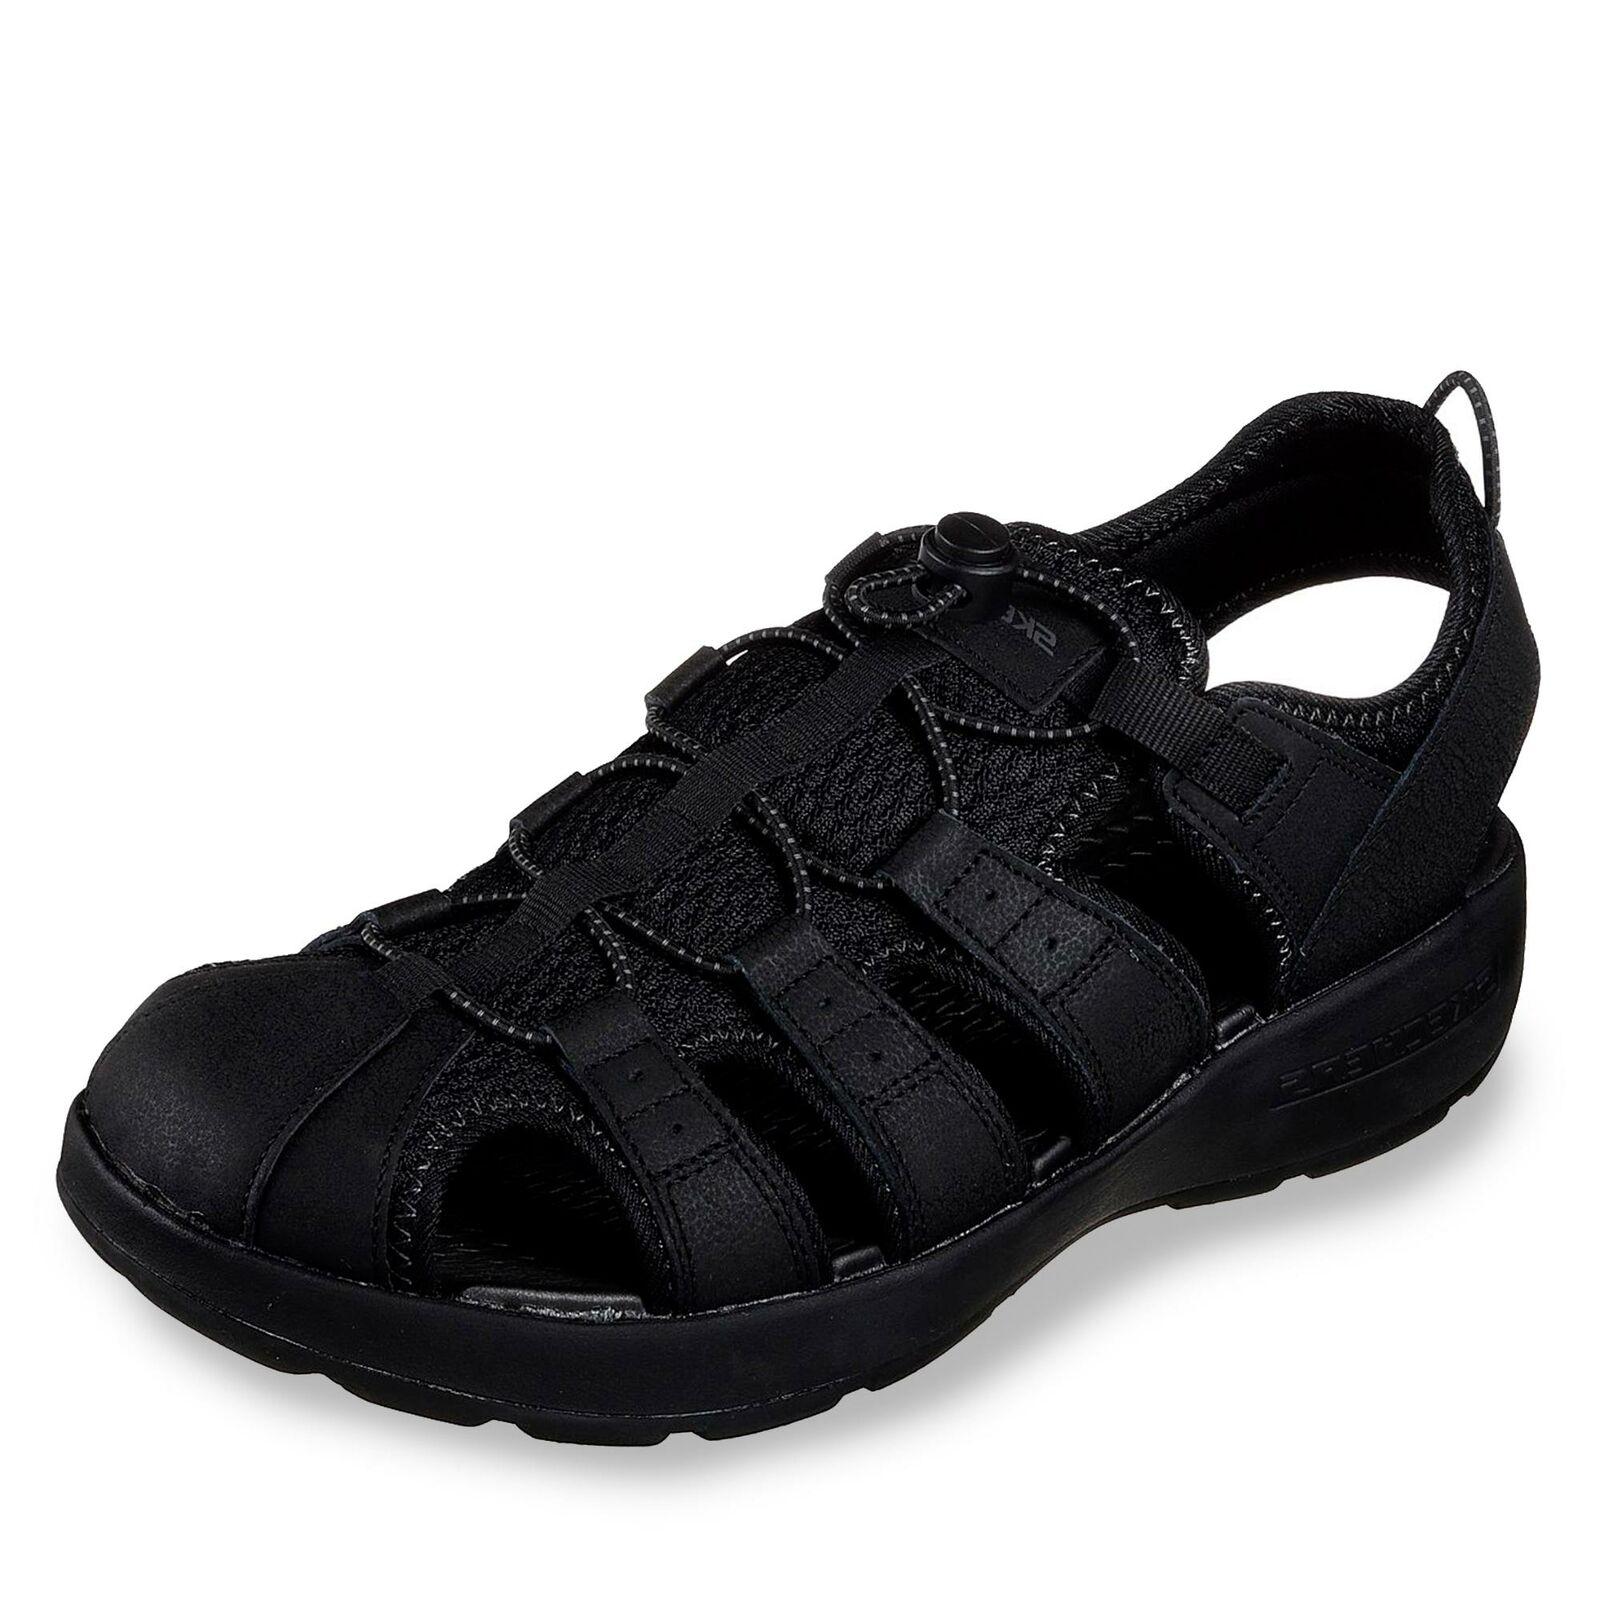 Skechers Melbo - Journeyman 2 Herren Sandale Schlupfschuh Sommer Schuhe schwarz